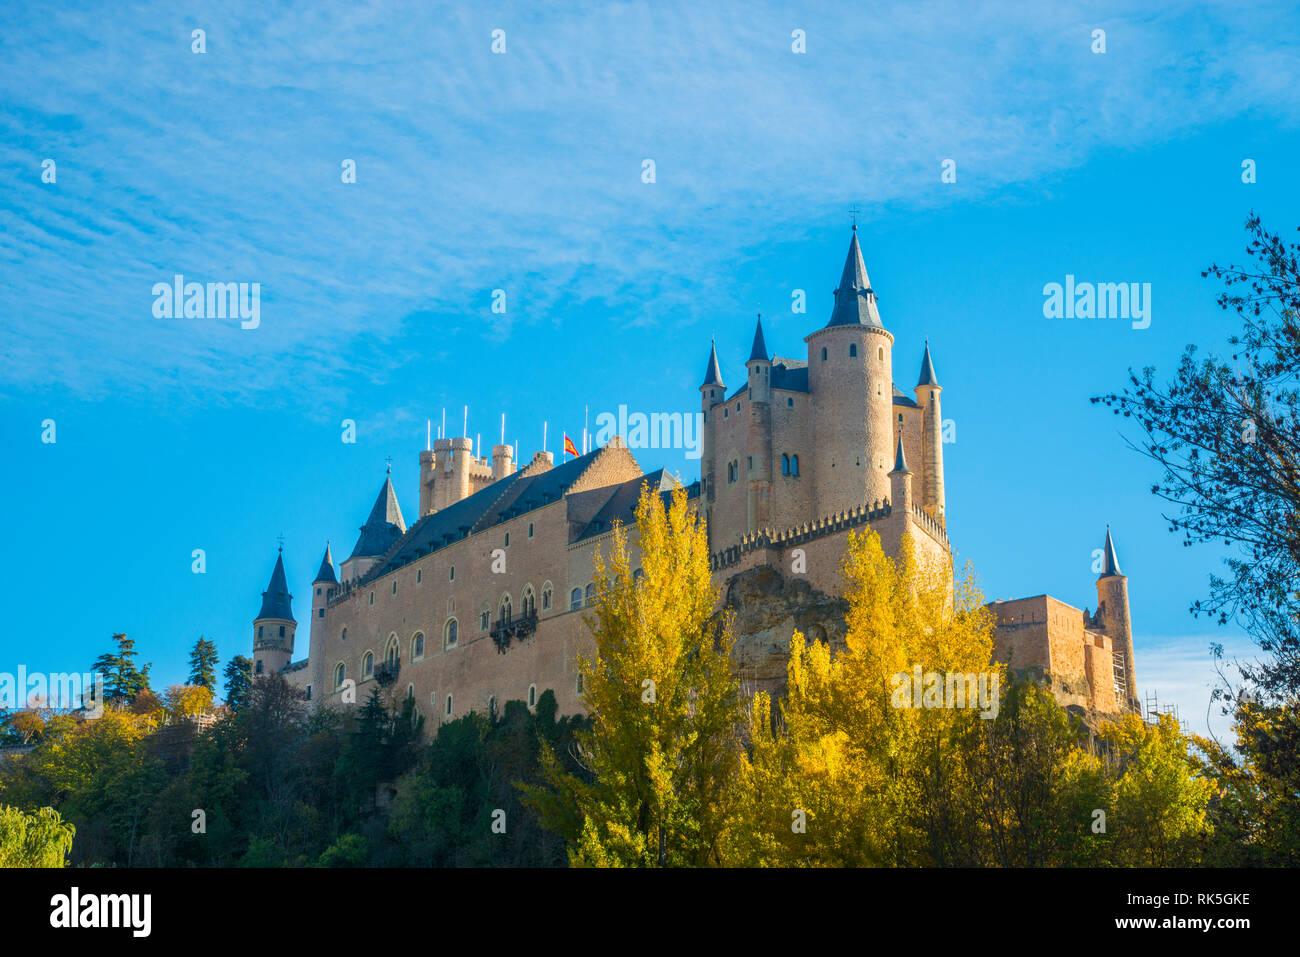 Alcazar. Segovia, Spain. - Stock Image